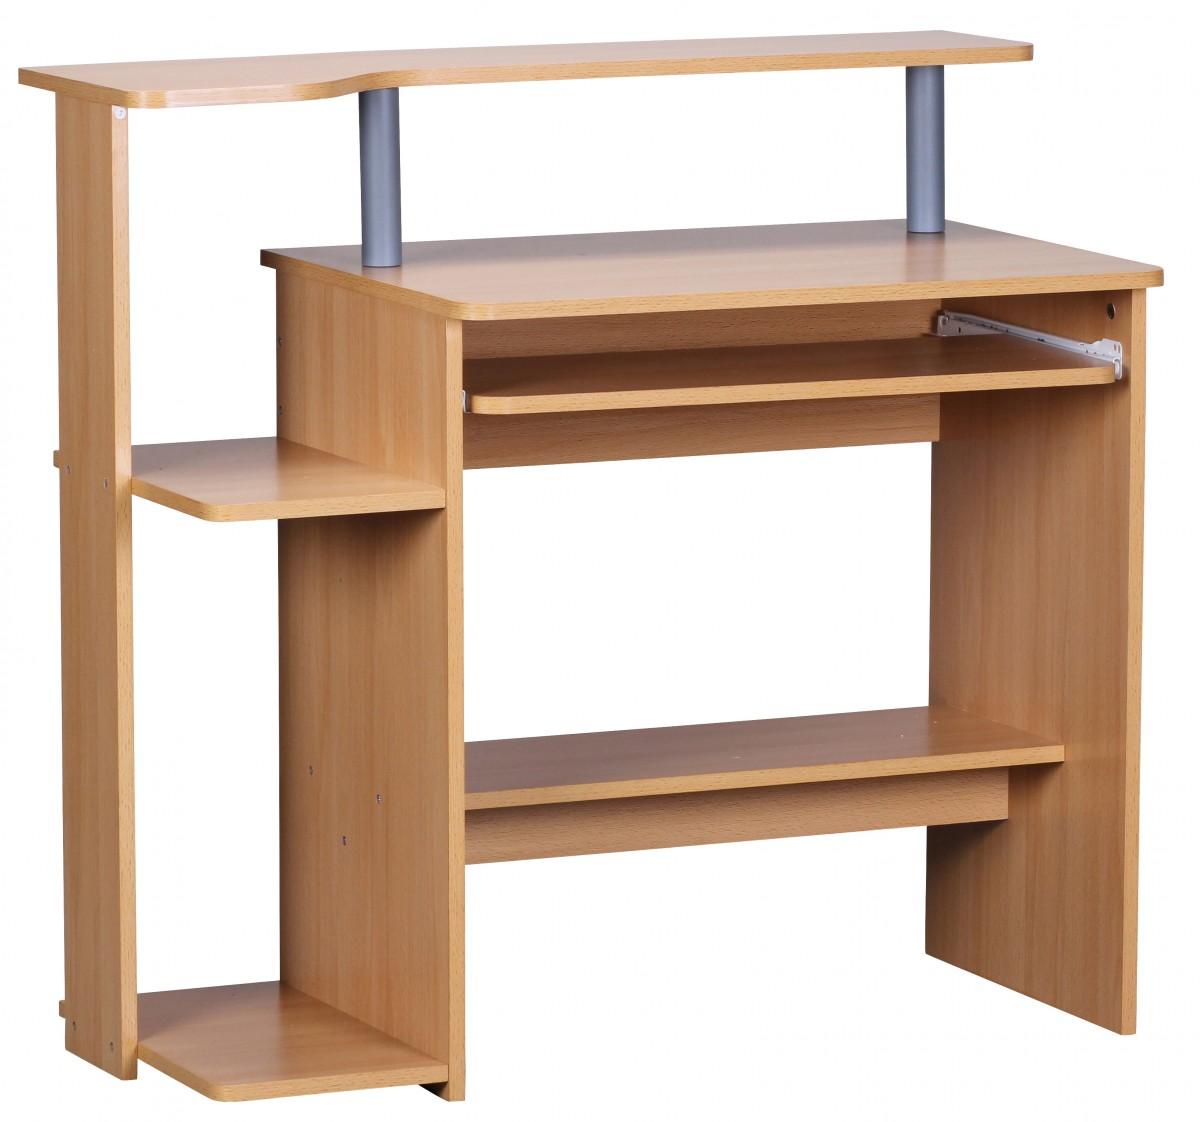 Wohnling Computertisch Wl1163 94 X 90 X 48 Cm Buche Schreibtisch Modern